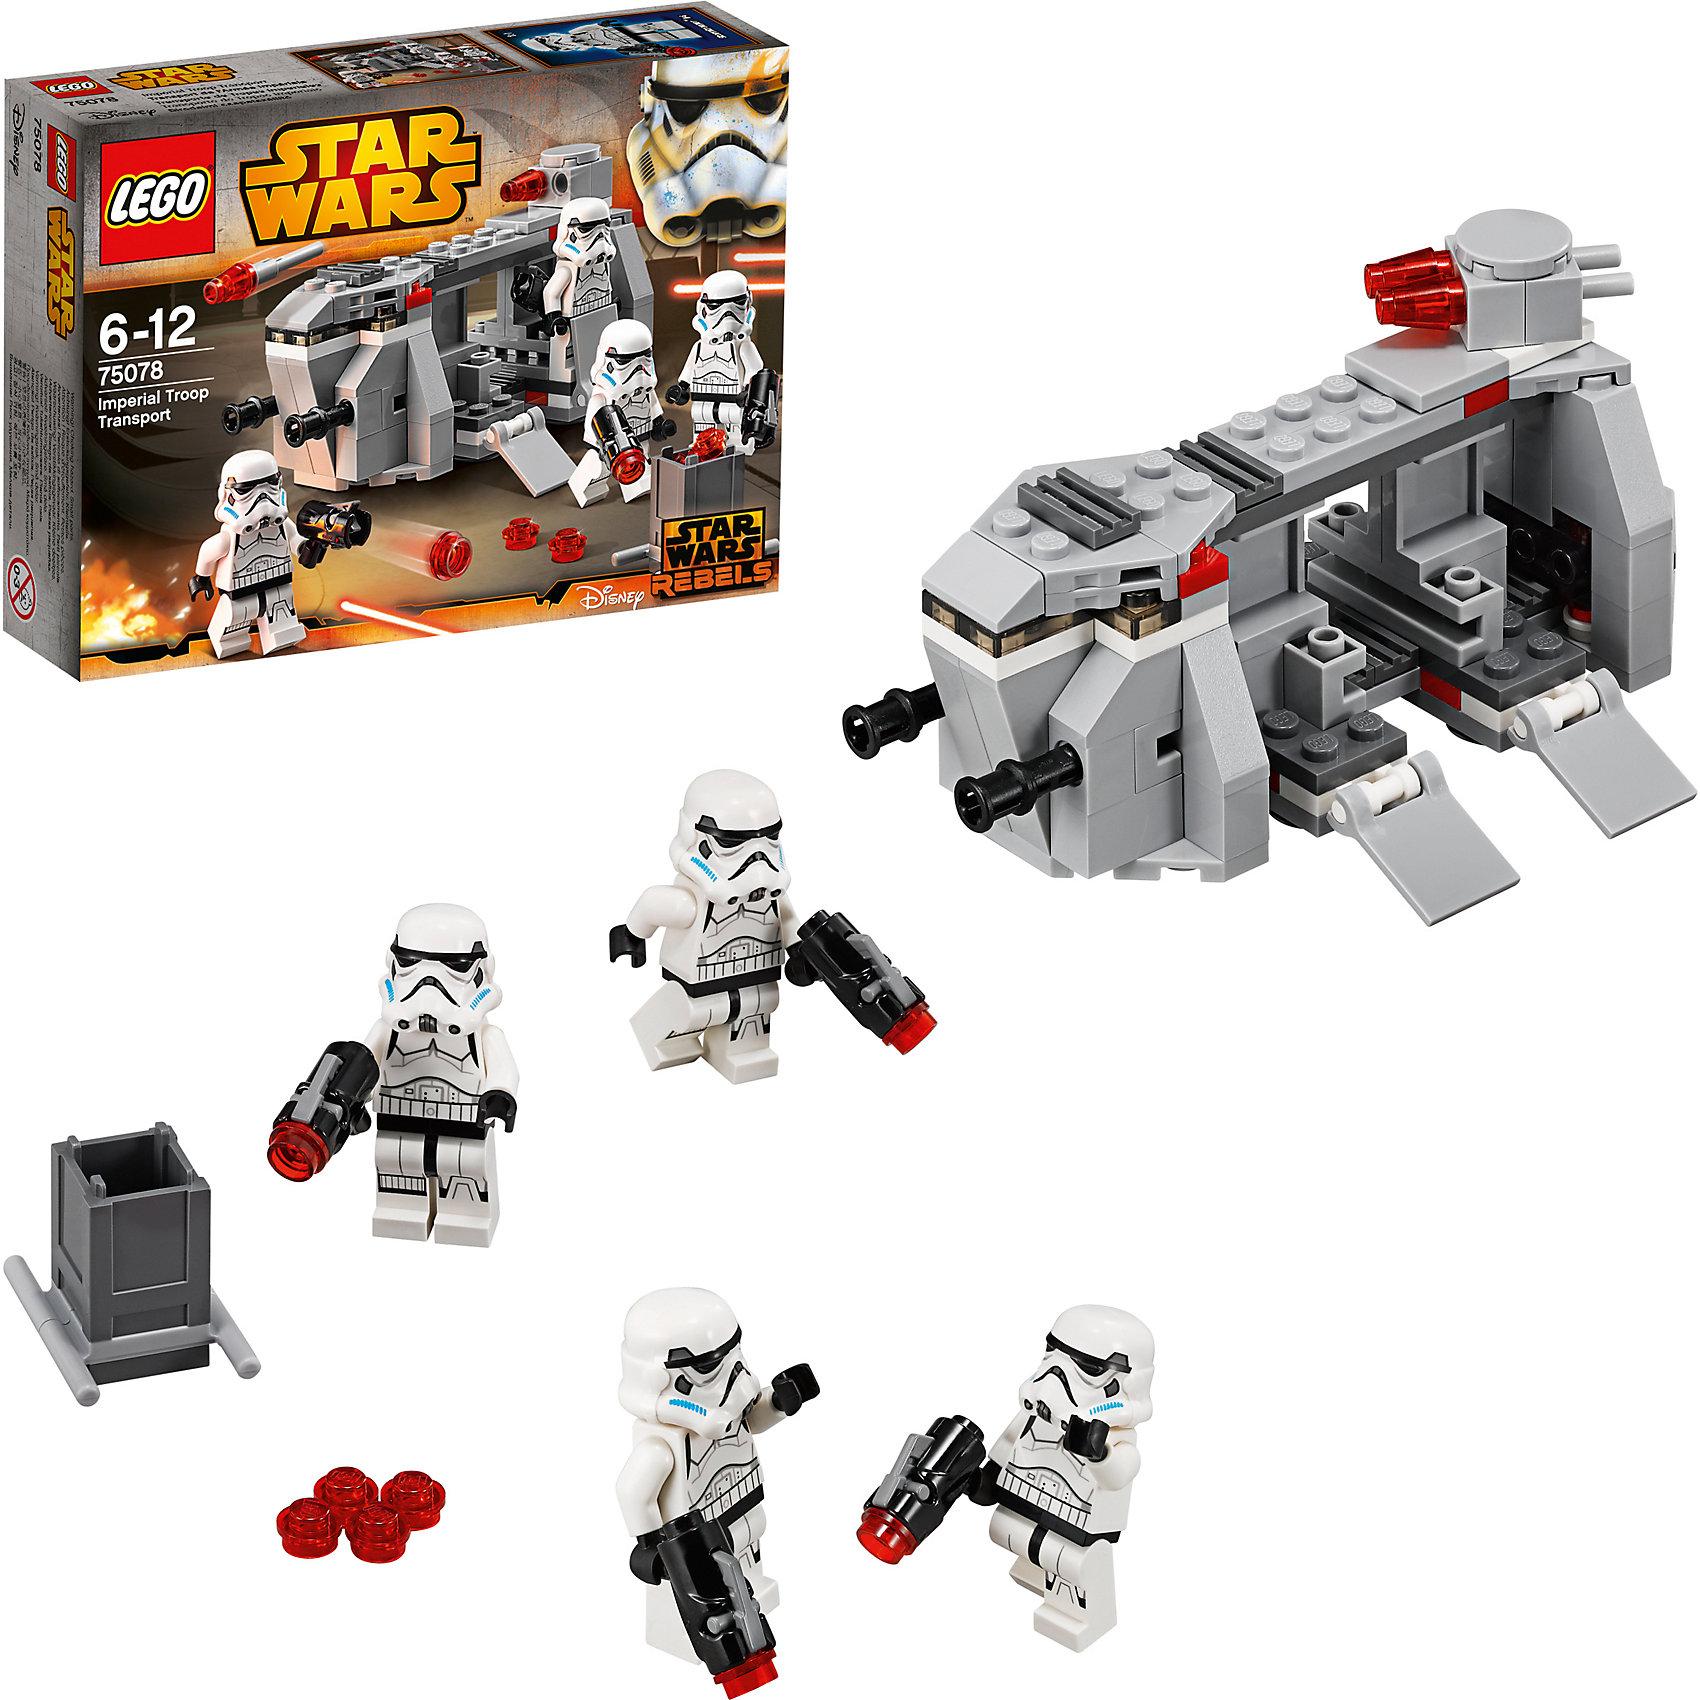 LEGO Star Wars 75078: Транспорт Имперских ВойскИгрушки<br>Выслеживай повстанцев на планете Лотхал на боевом войсковом транспорте Империи из набора LEGO Star Wars 75078: Транспорт Имперских Войск.  Высаживай штурмовиков со стреляющими бластерами, погружай их в транспорт и готовься к отправке. Если вас атакуют, запрыгивай на крышу и выпускай из турели две ракеты, чтобы обратить противников в бегство.<br><br>LEGO Star Wars (ЛЕГО Звездные войны) - серия детских конструкторов ЛЕГО, созданная по одноименной фантастической саге. Включает в себя множество сюжетов и реалистичных деталей, призванных в точности воспроизвести мир Star Wars.<br><br>Дополнительная информация:<br><br>- Конструкторы ЛЕГО развивают усидчивость, внимание, фантазию и мелкую моторику. <br>- Комплектация: транспорт, 4 минифигурки с оружием.<br>- В наборе 4 минифигурки штурмовиков с разнообразным оружием.<br>- Количество деталей: 141 шт.<br>- Транспорт: откидывающиеся борта, пушка с 2 ракетами. <br>- Серия ЛЕГО Звездные войны (LEGO Star Wars).<br>- Материал: пластик.<br>- Размер упаковки: 14,1 х 19,1 х 4,6 см<br>- Вес: 0.183 кг<br><br>Конструктор LEGO Star Wars ( ЛЕГО Звездные войны) 75078: Транспорт Имперских Войск можно купить в нашем магазине.<br><br>Ширина мм: 195<br>Глубина мм: 142<br>Высота мм: 50<br>Вес г: 153<br>Возраст от месяцев: 72<br>Возраст до месяцев: 144<br>Пол: Мужской<br>Возраст: Детский<br>SKU: 3786136